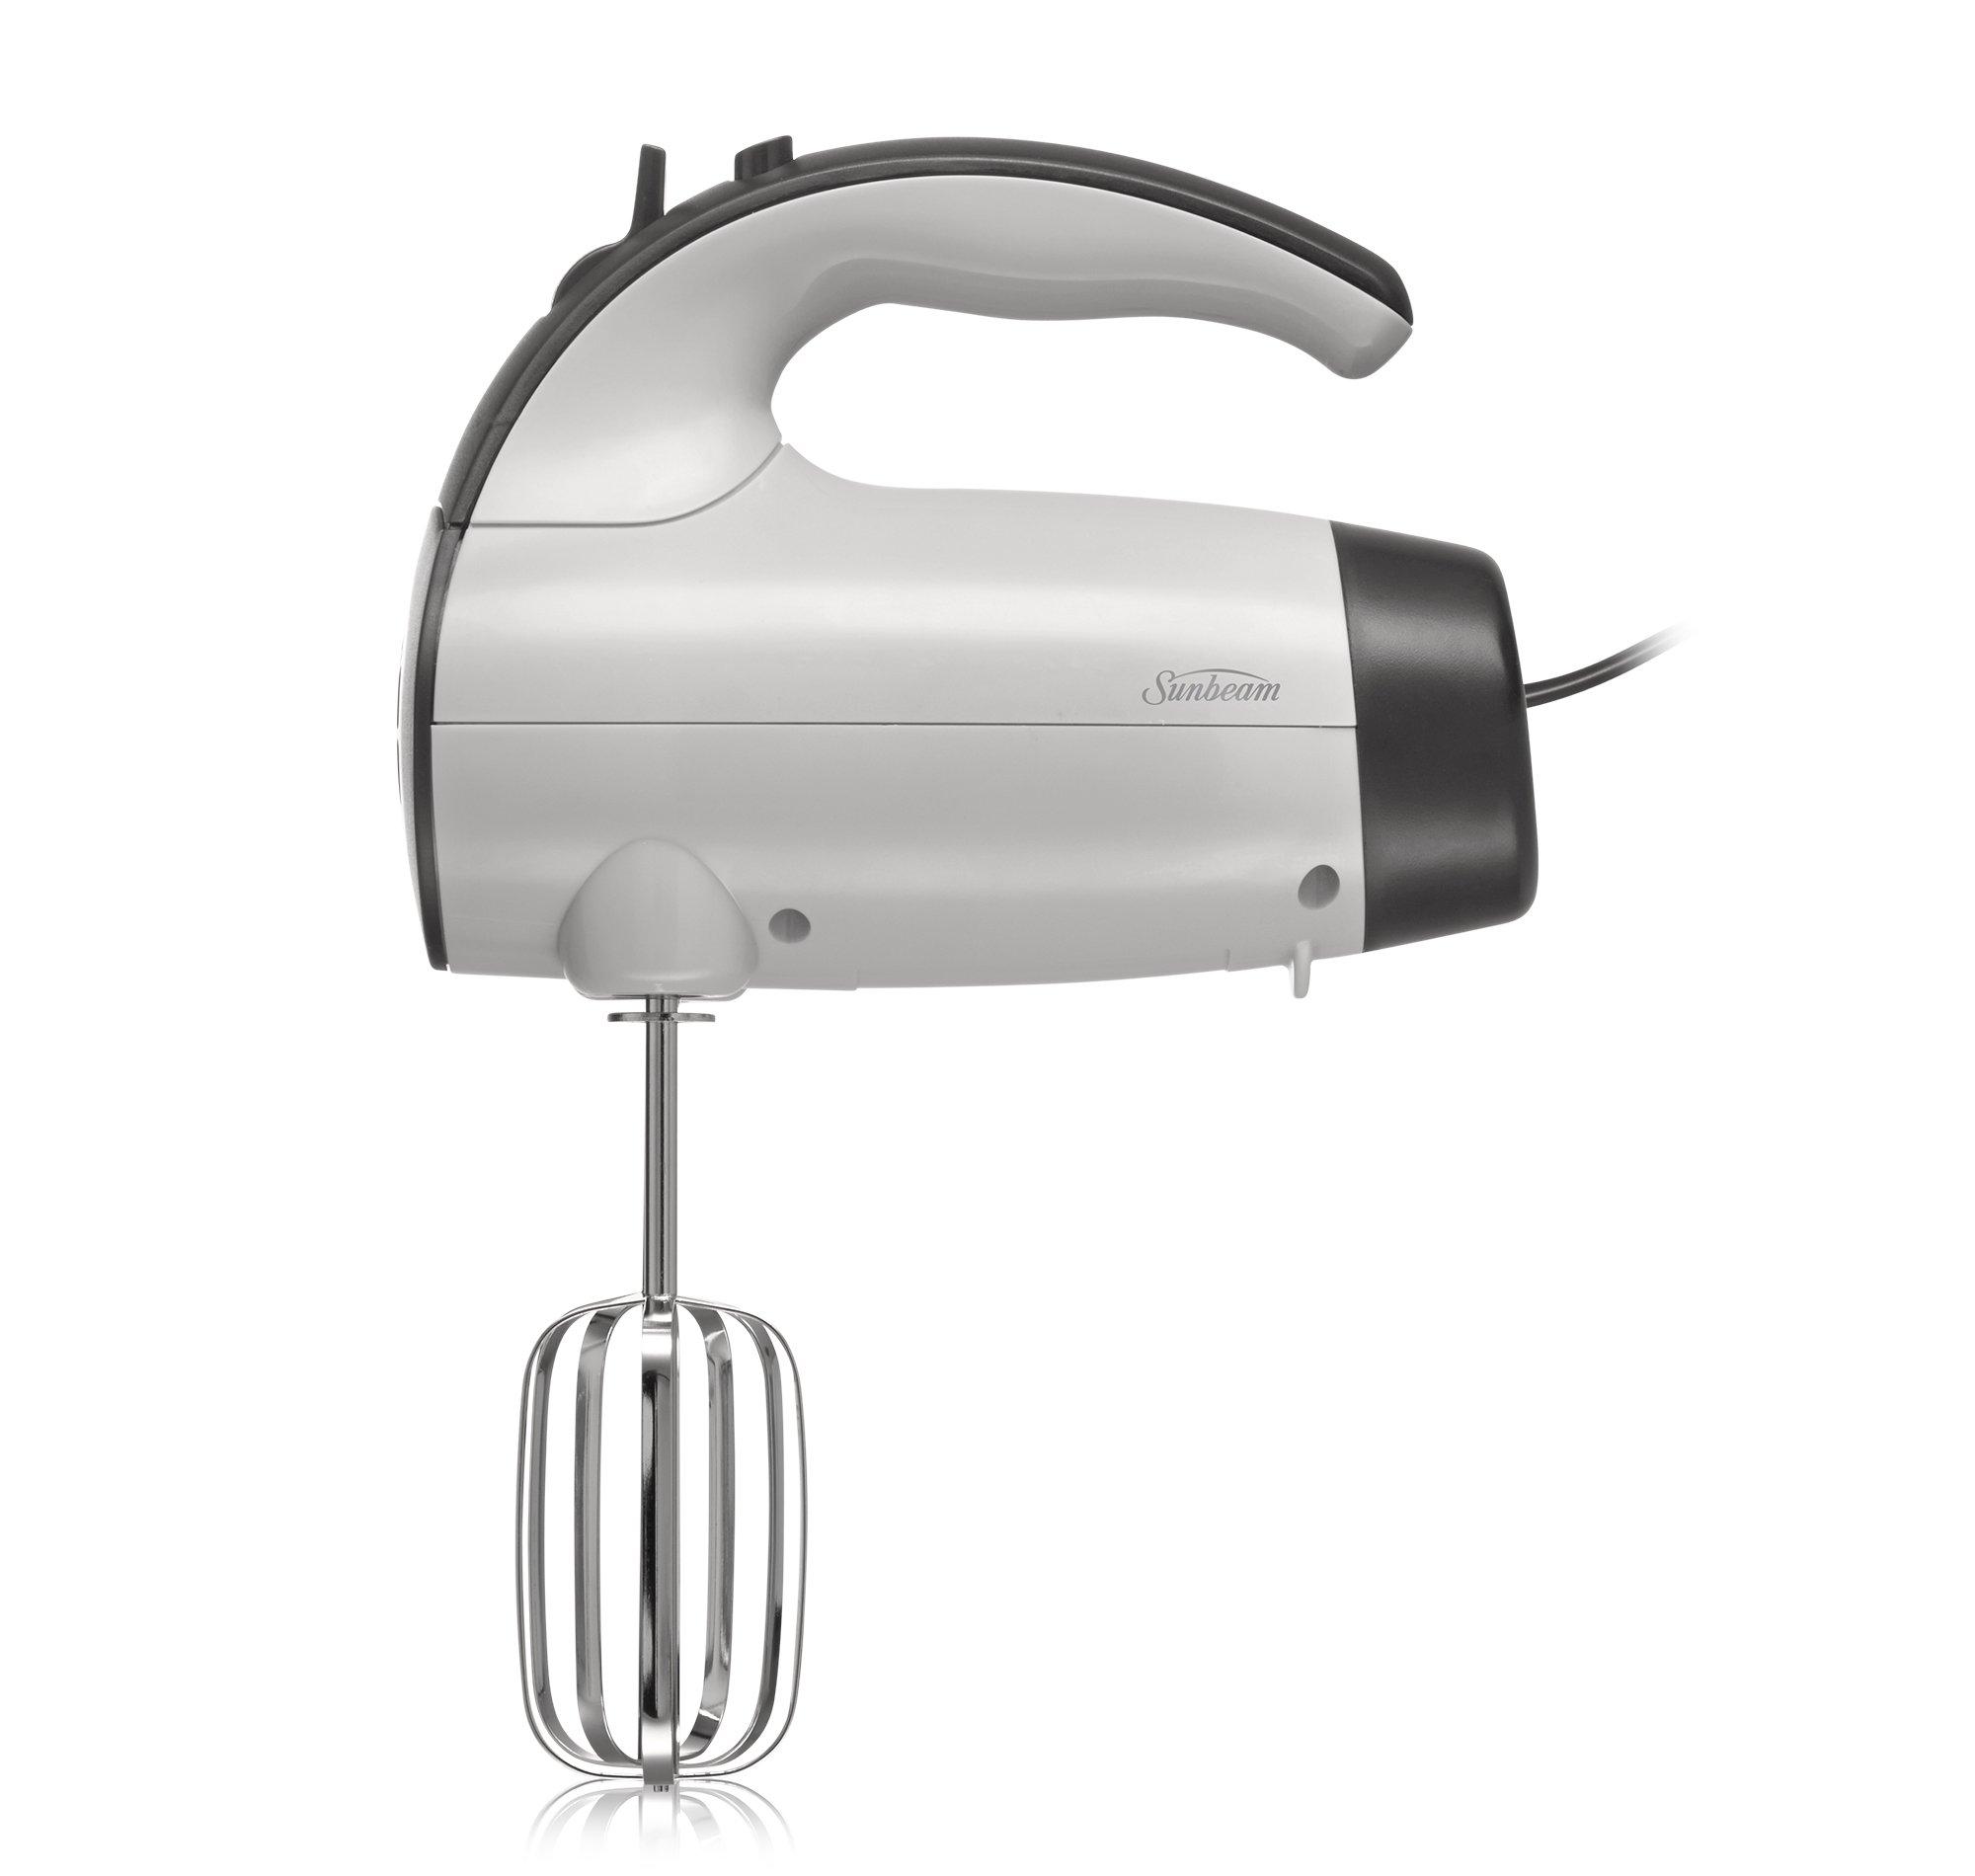 Sunbeam 2525 220-Watt 6-Speed Retractable Cord Hand Mixer, White/Grey - 002525-000-000 by Sunbeam